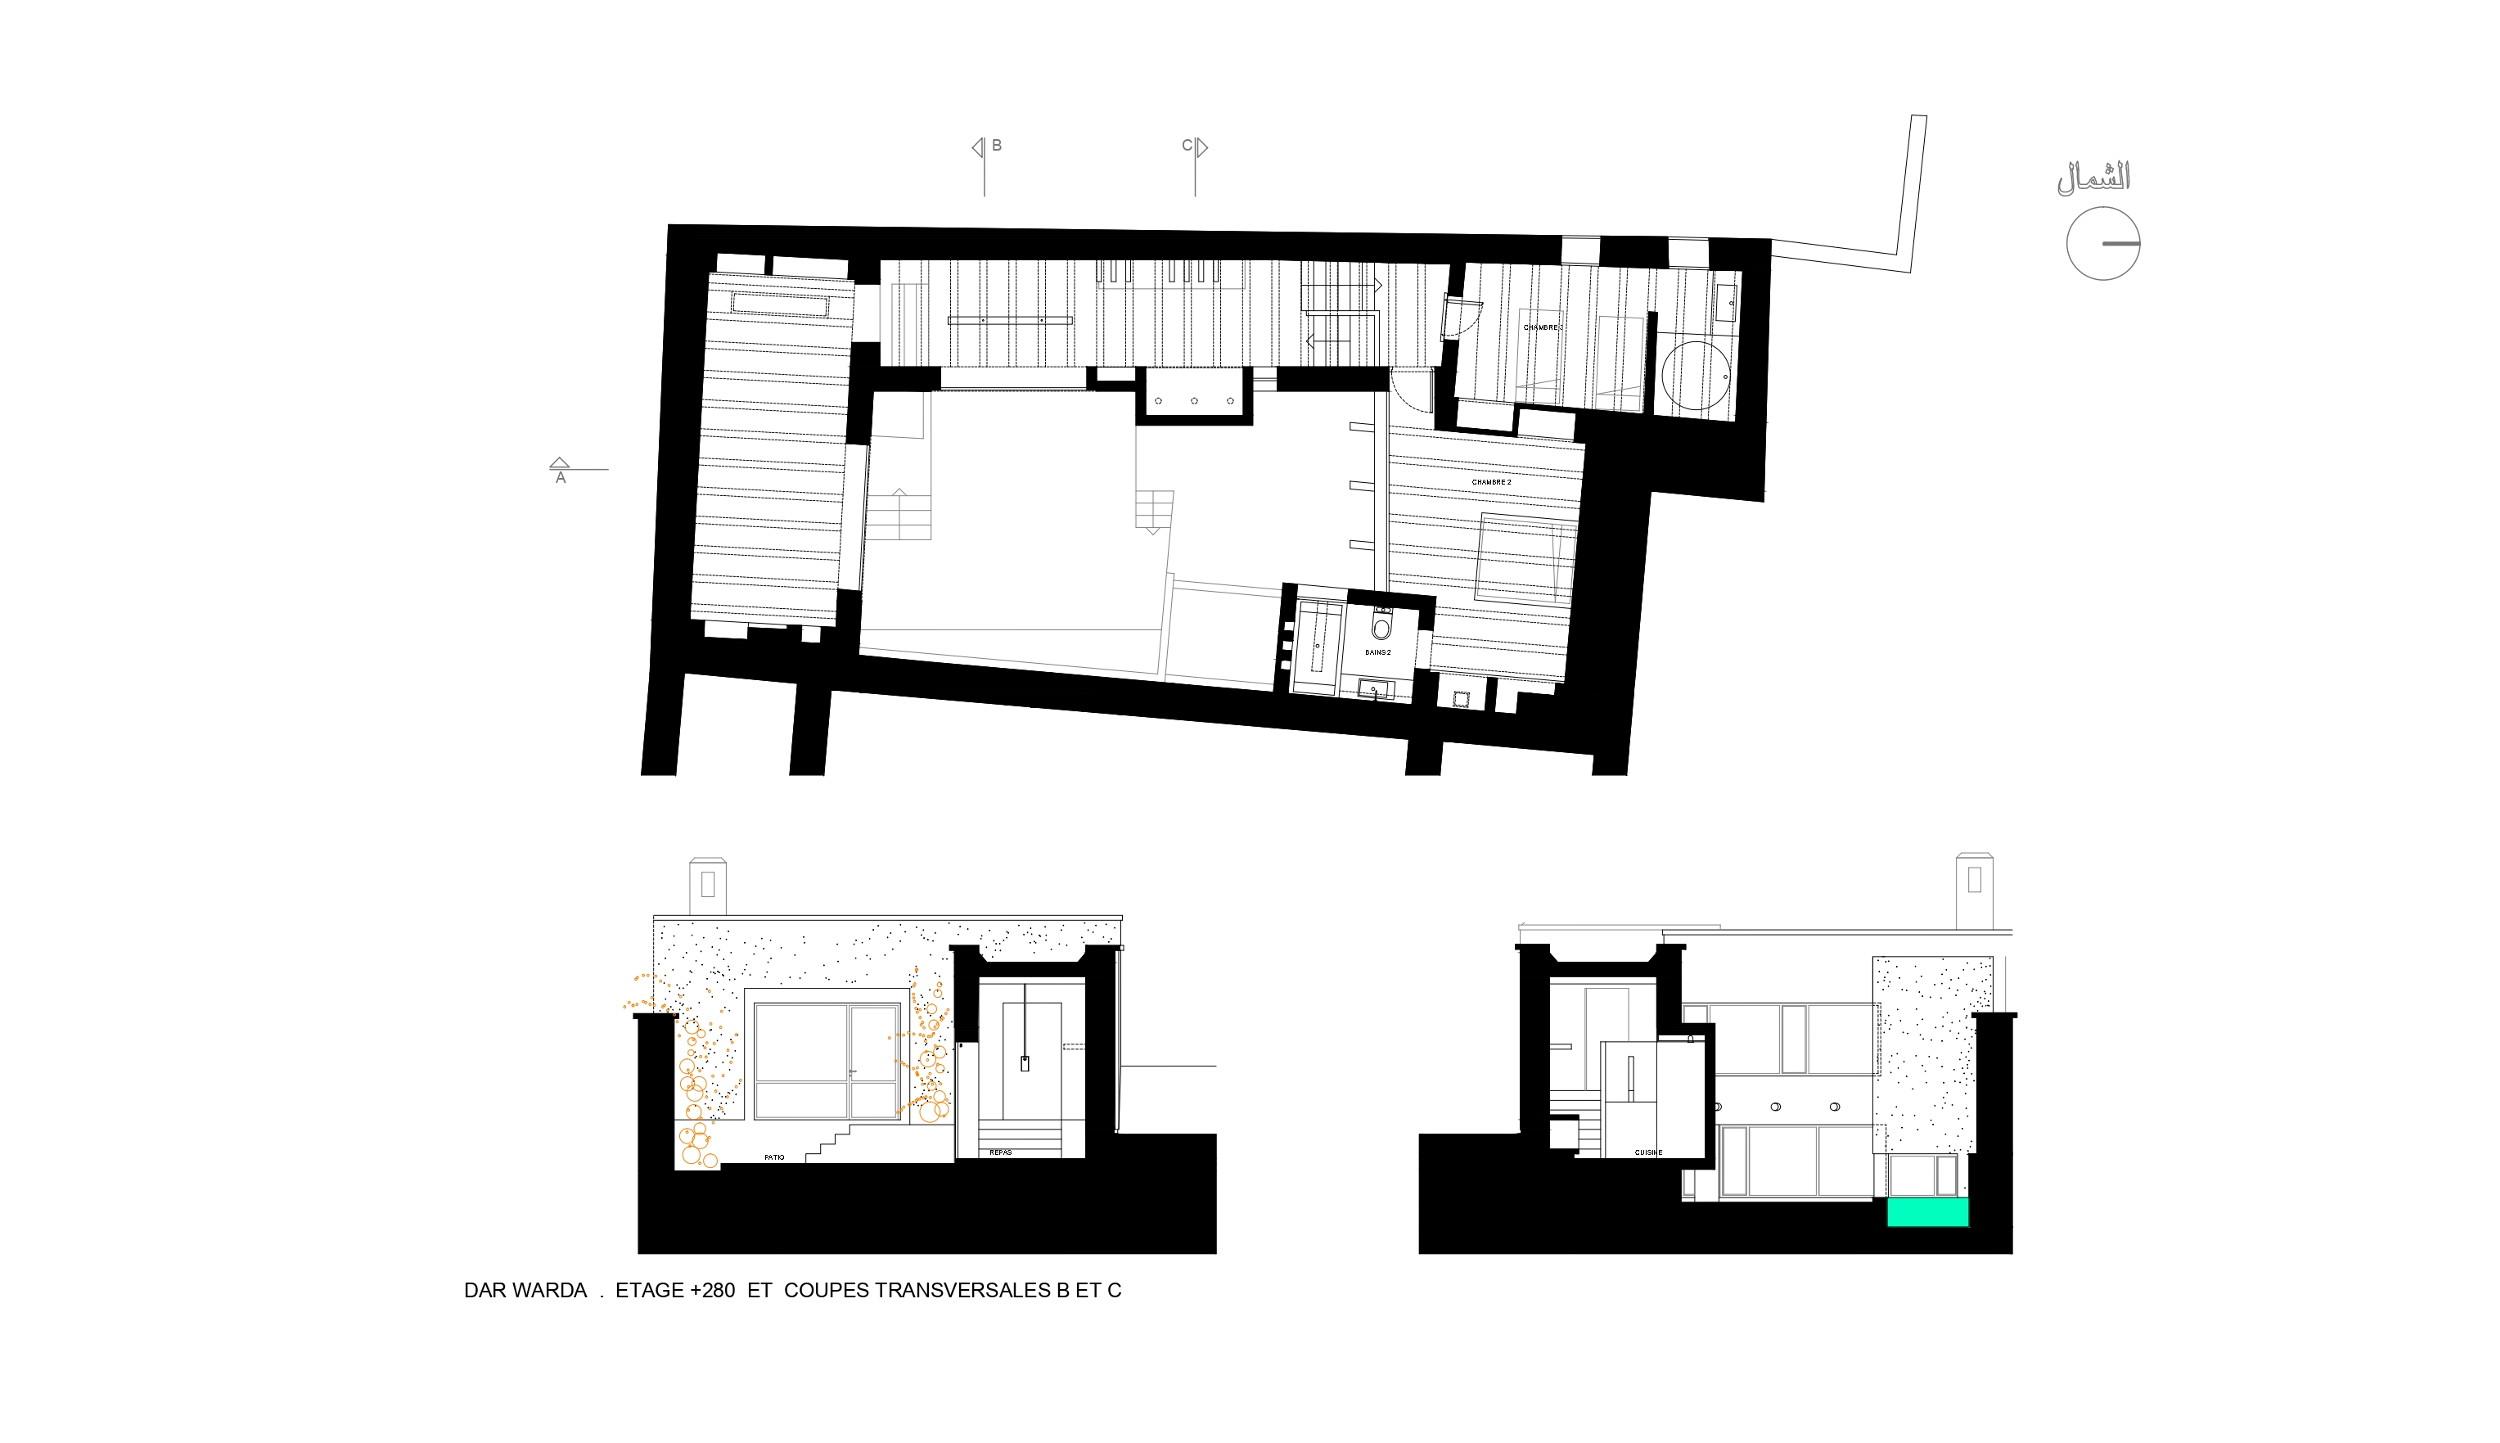 SITE.DAR WARDA-plan-02-étage